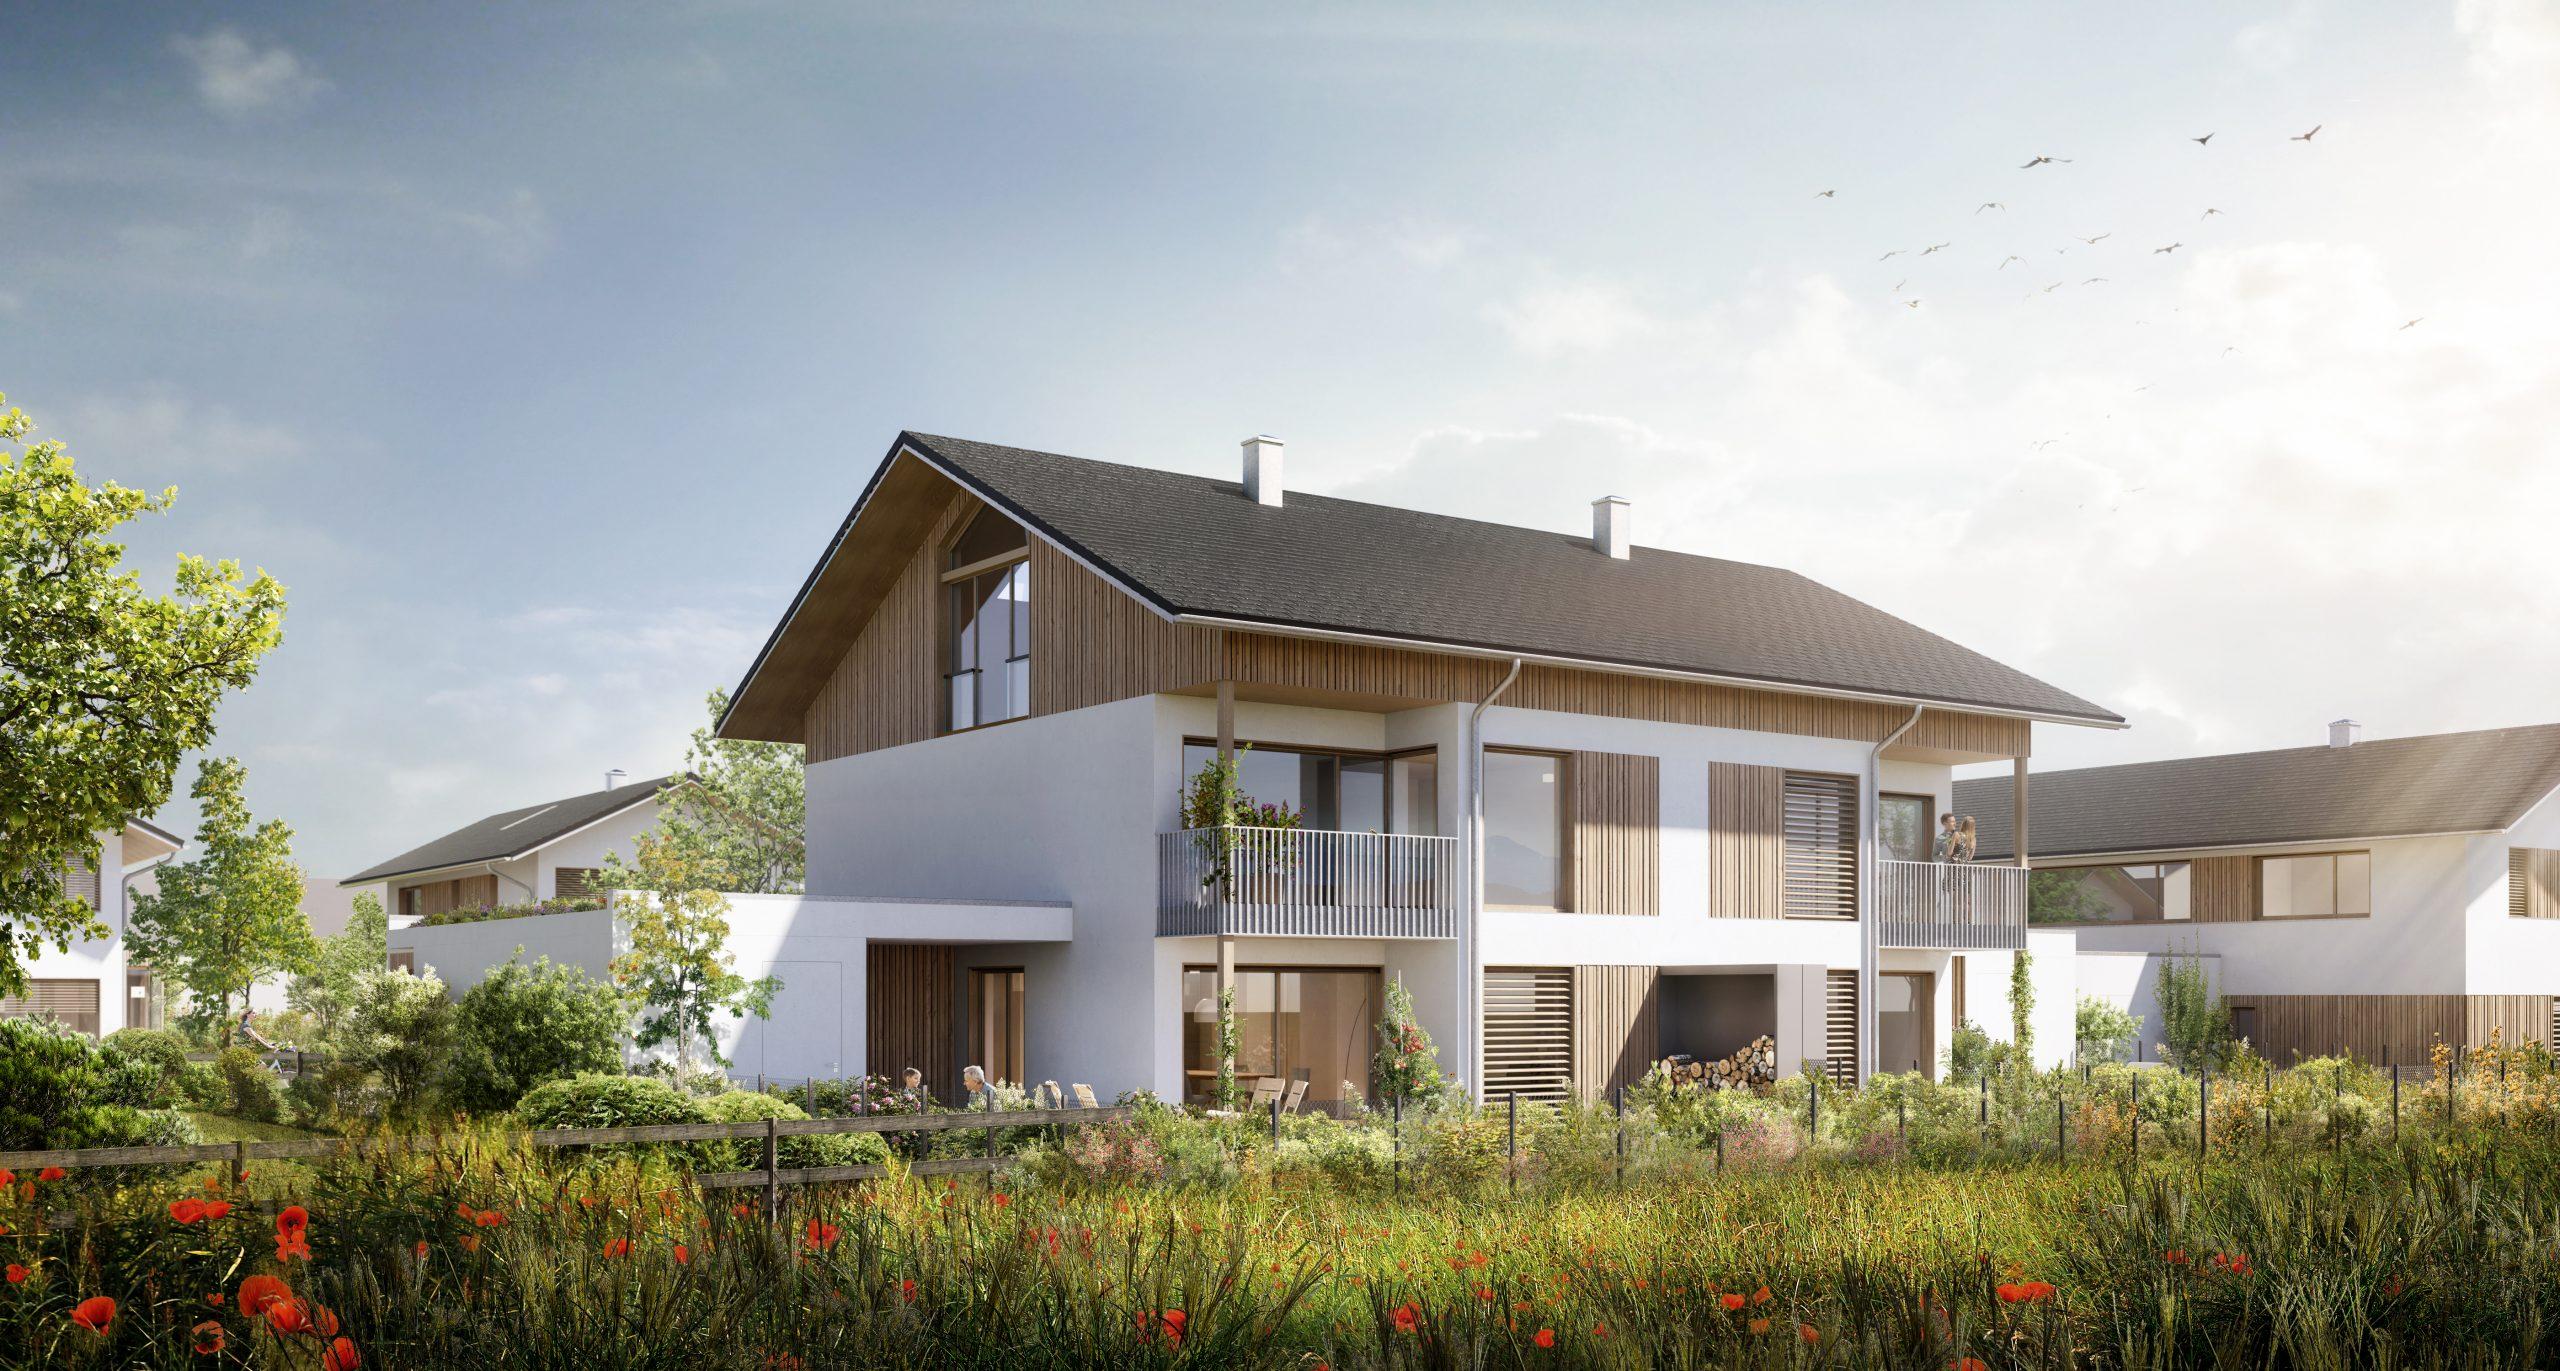 Werndl & Partner, Mein Haus am Feld